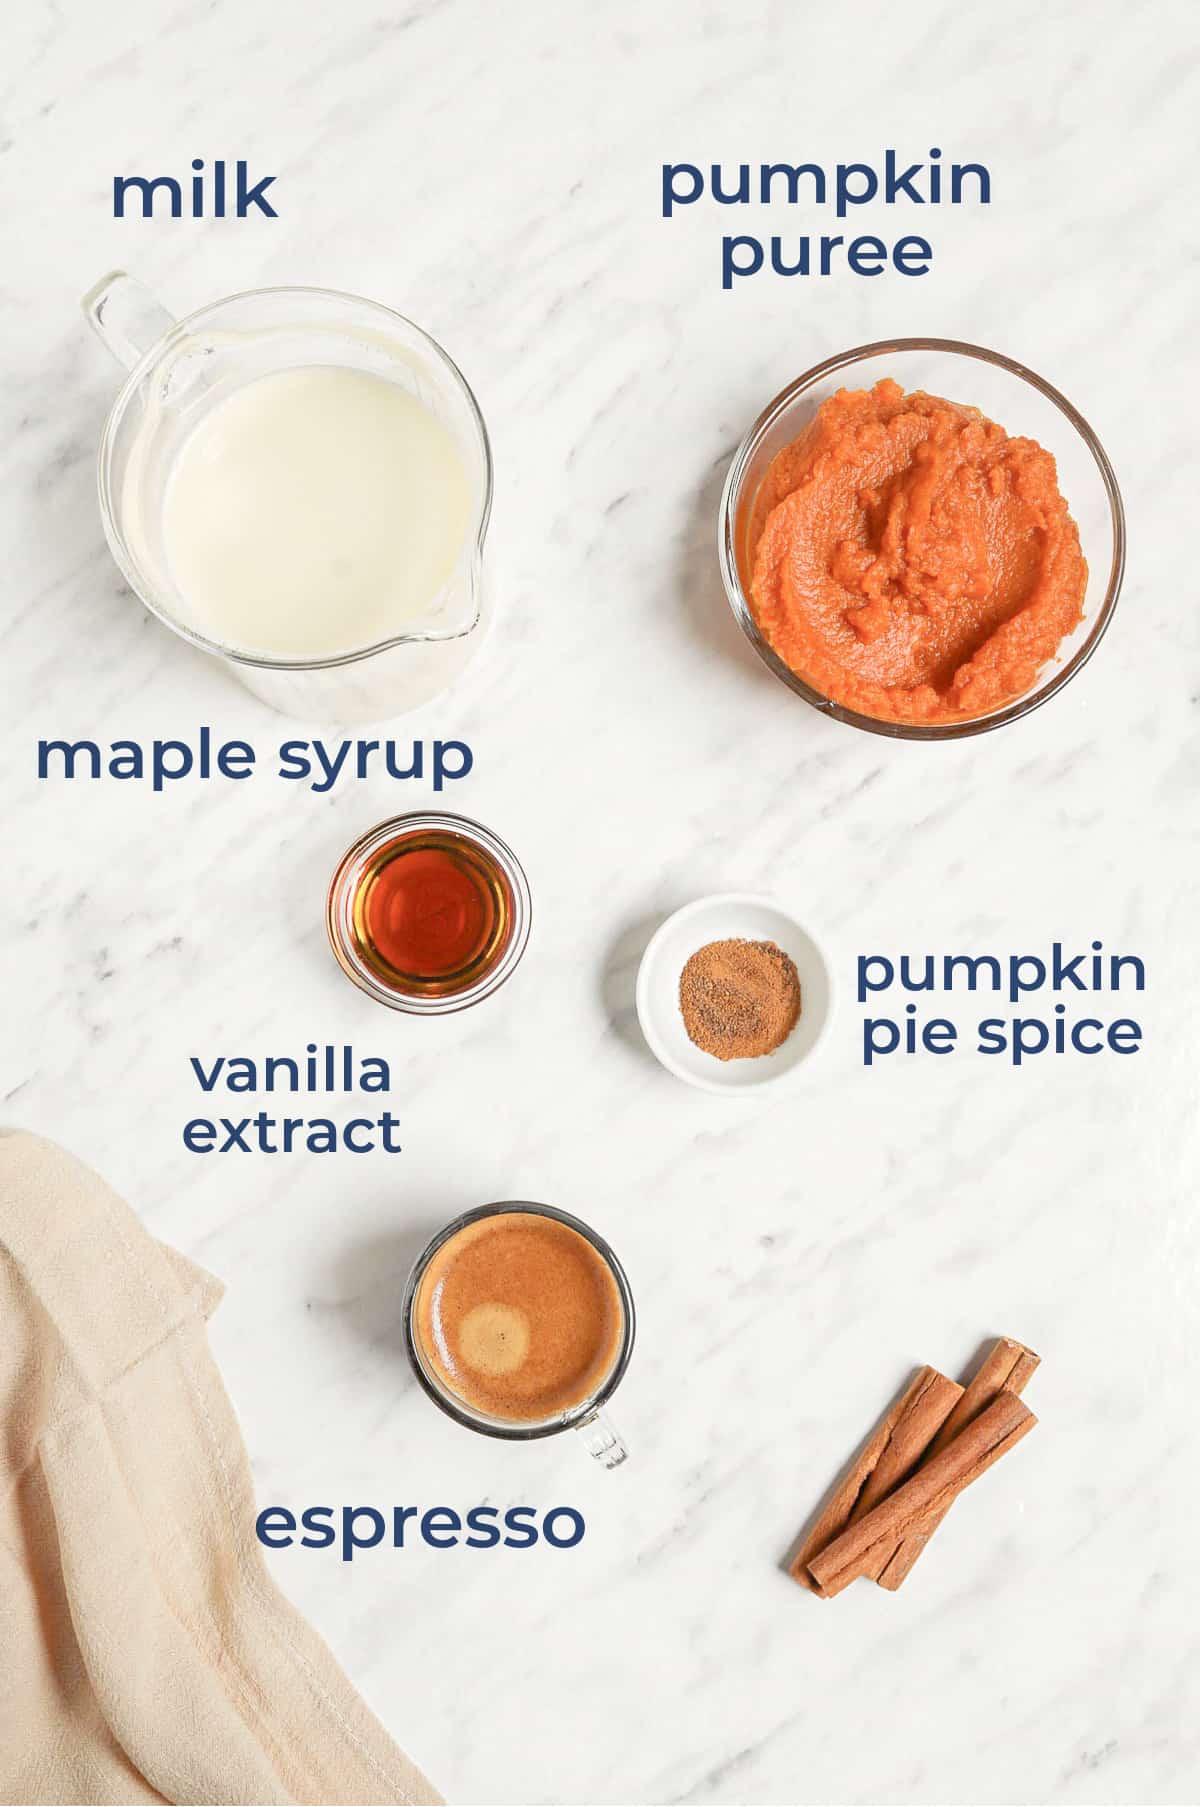 ingredients to make homemade pumpkin spice latte recipe - pumpkin puree, milk, vanilla, syrup, spices